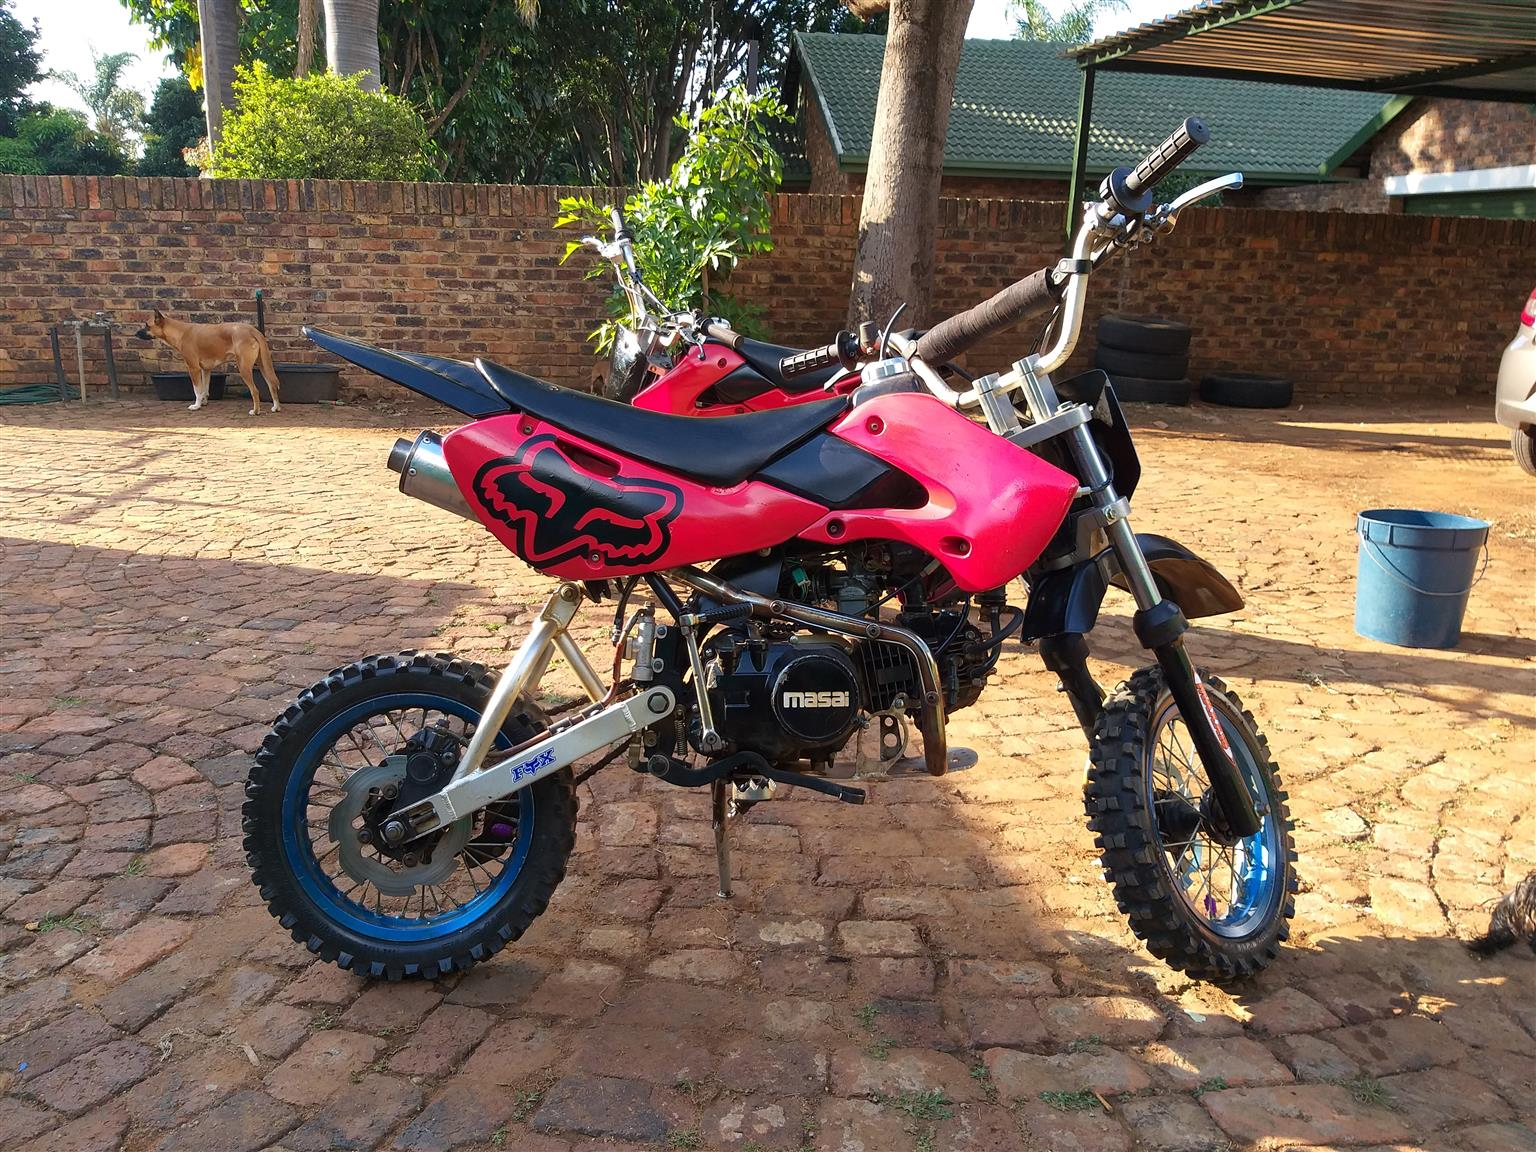 2006 Masai LT 450